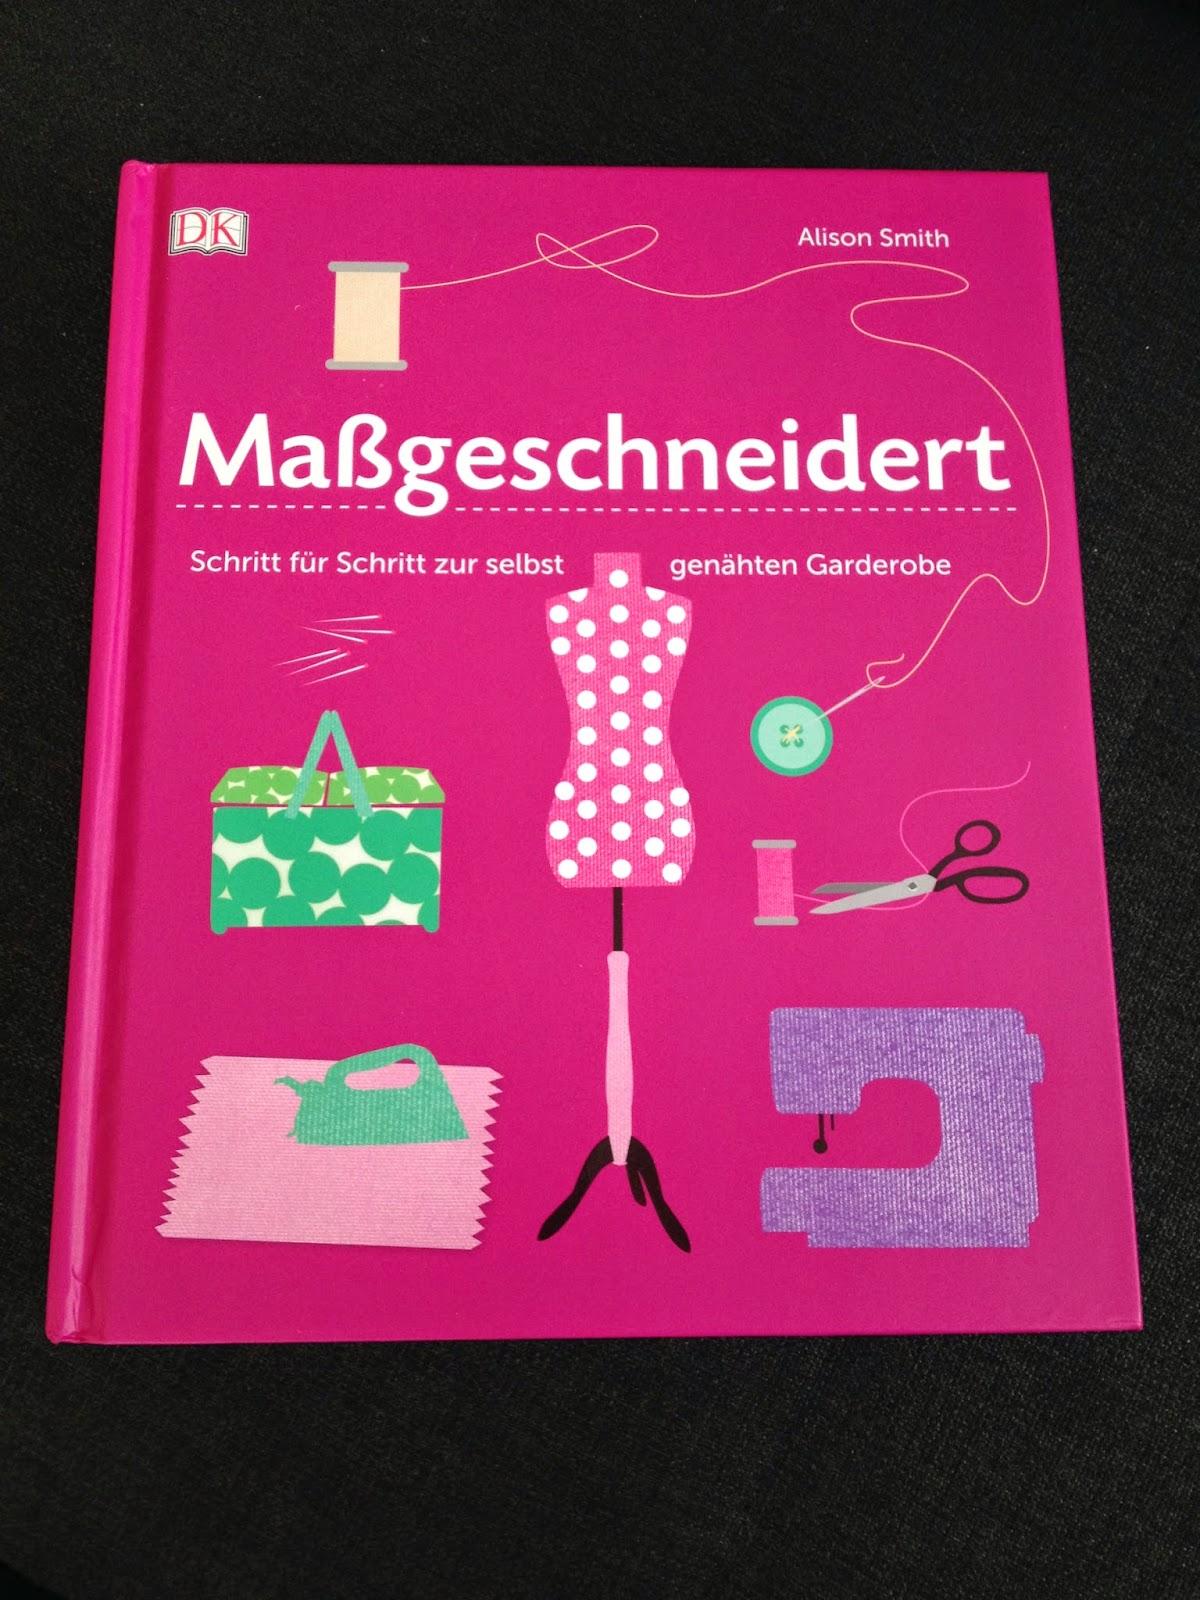 http://www.amazon.de/Ma%C3%9Fgeschneidert-Schritt-selbst-gen%C3%A4hten-Garderobe/dp/383102393X/ref=sr_1_1?ie=UTF8&qid=1418995600&sr=8-1&keywords=massgeschneidert